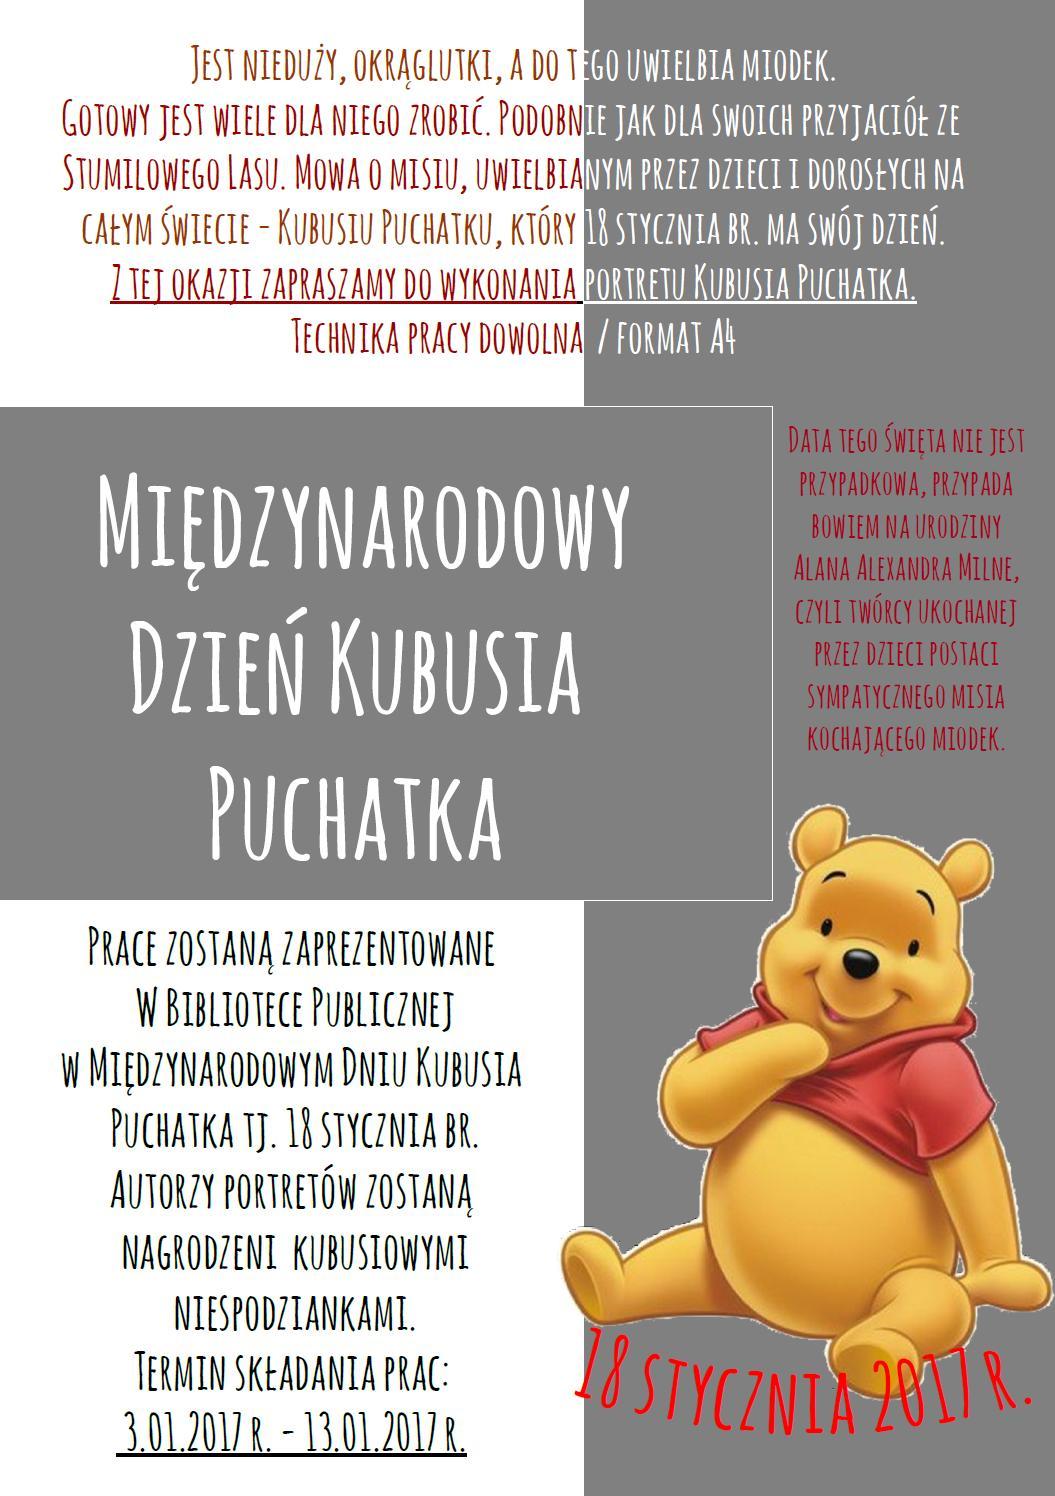 dzien_kubusia_puchatka